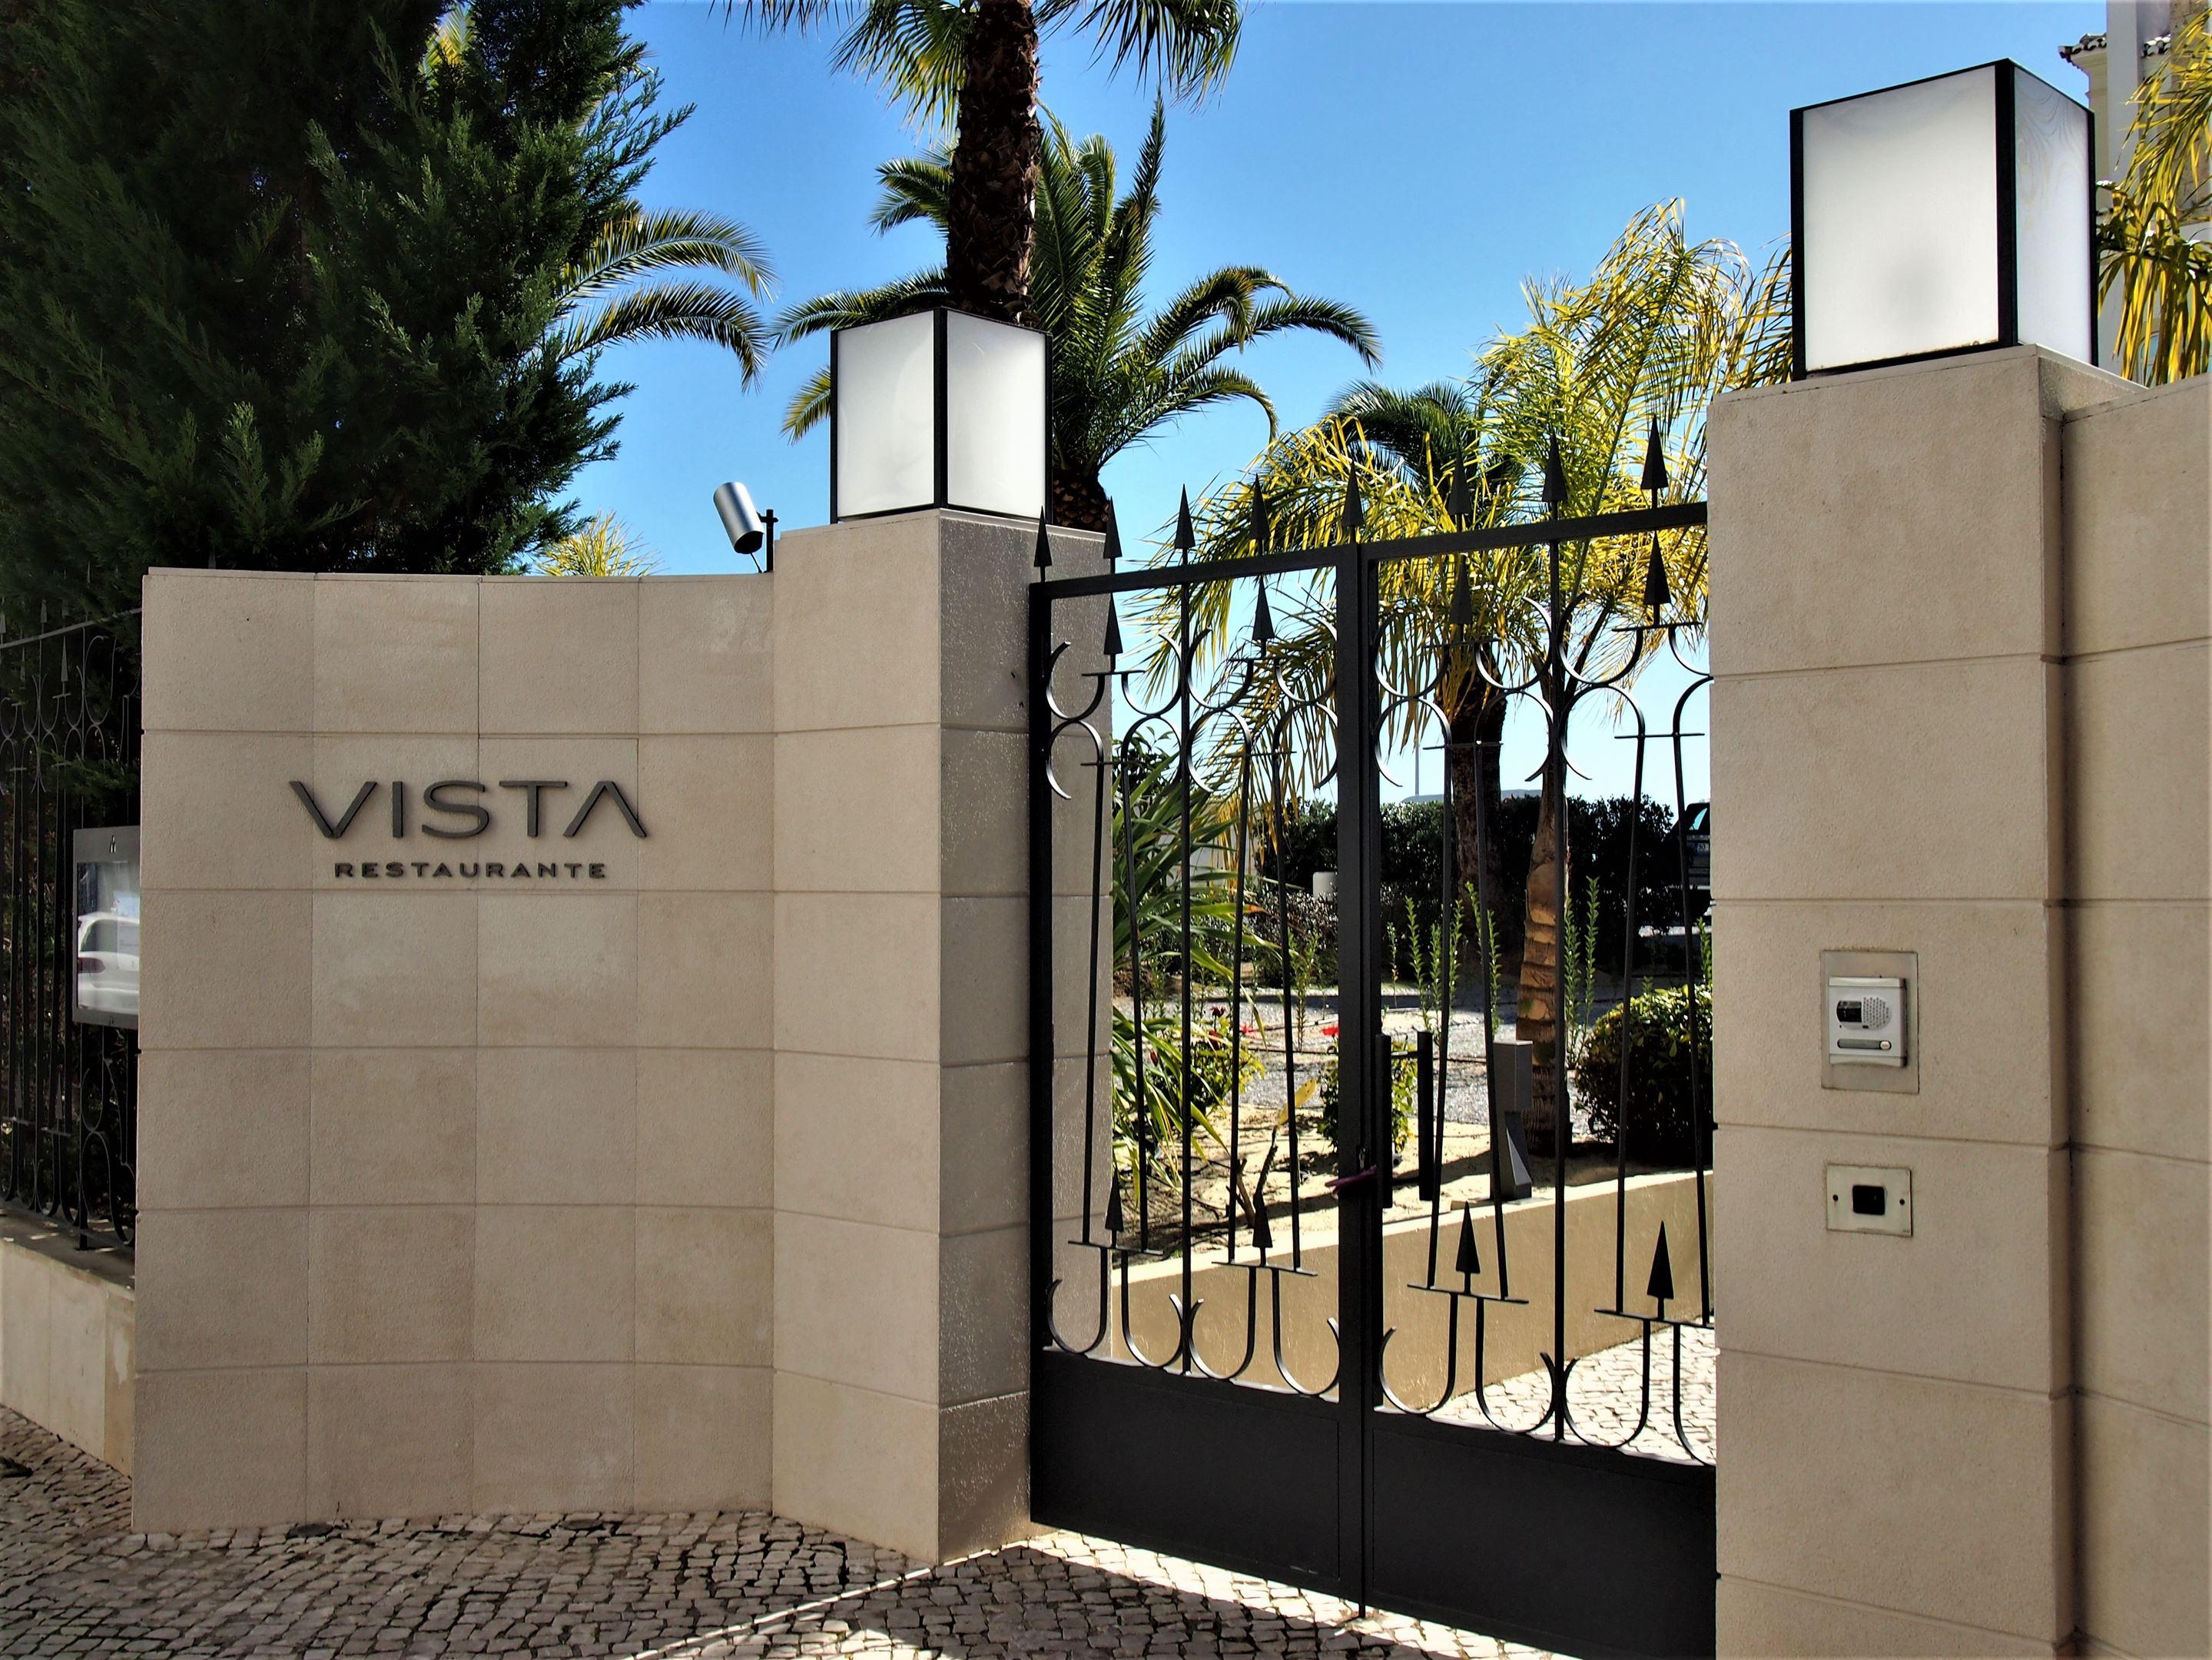 The Vista restaurant at the Bela Vista hotel, Portimão